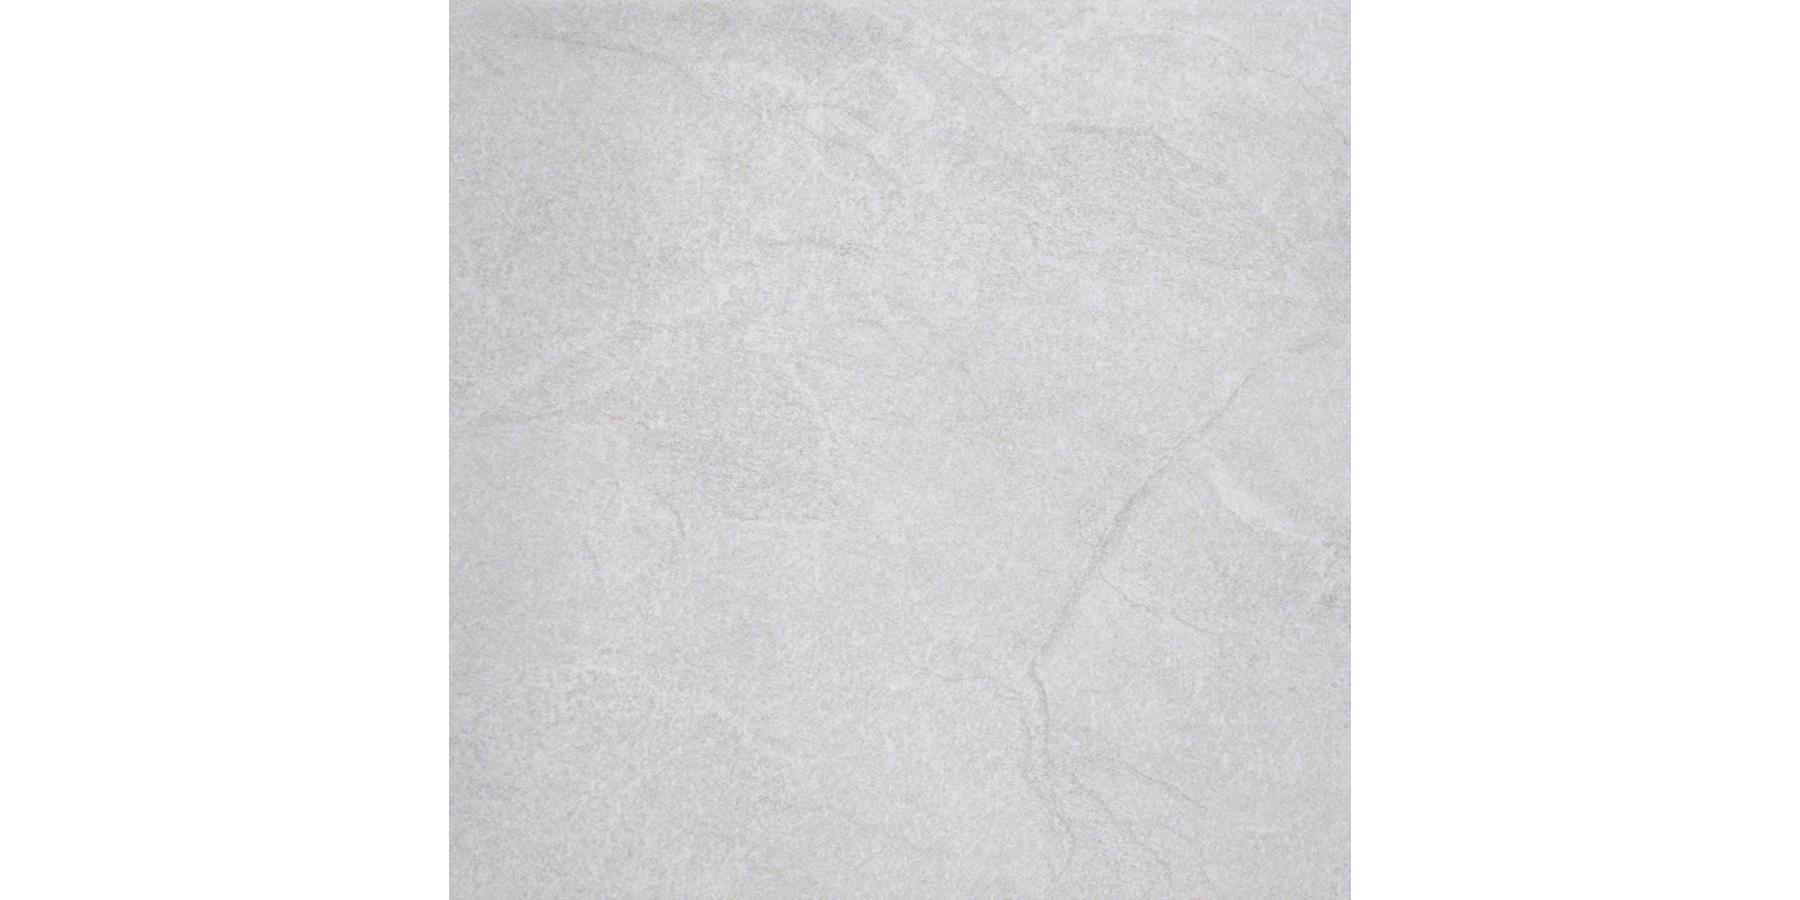 12x12 Himalaya Snow Porcelain Tile